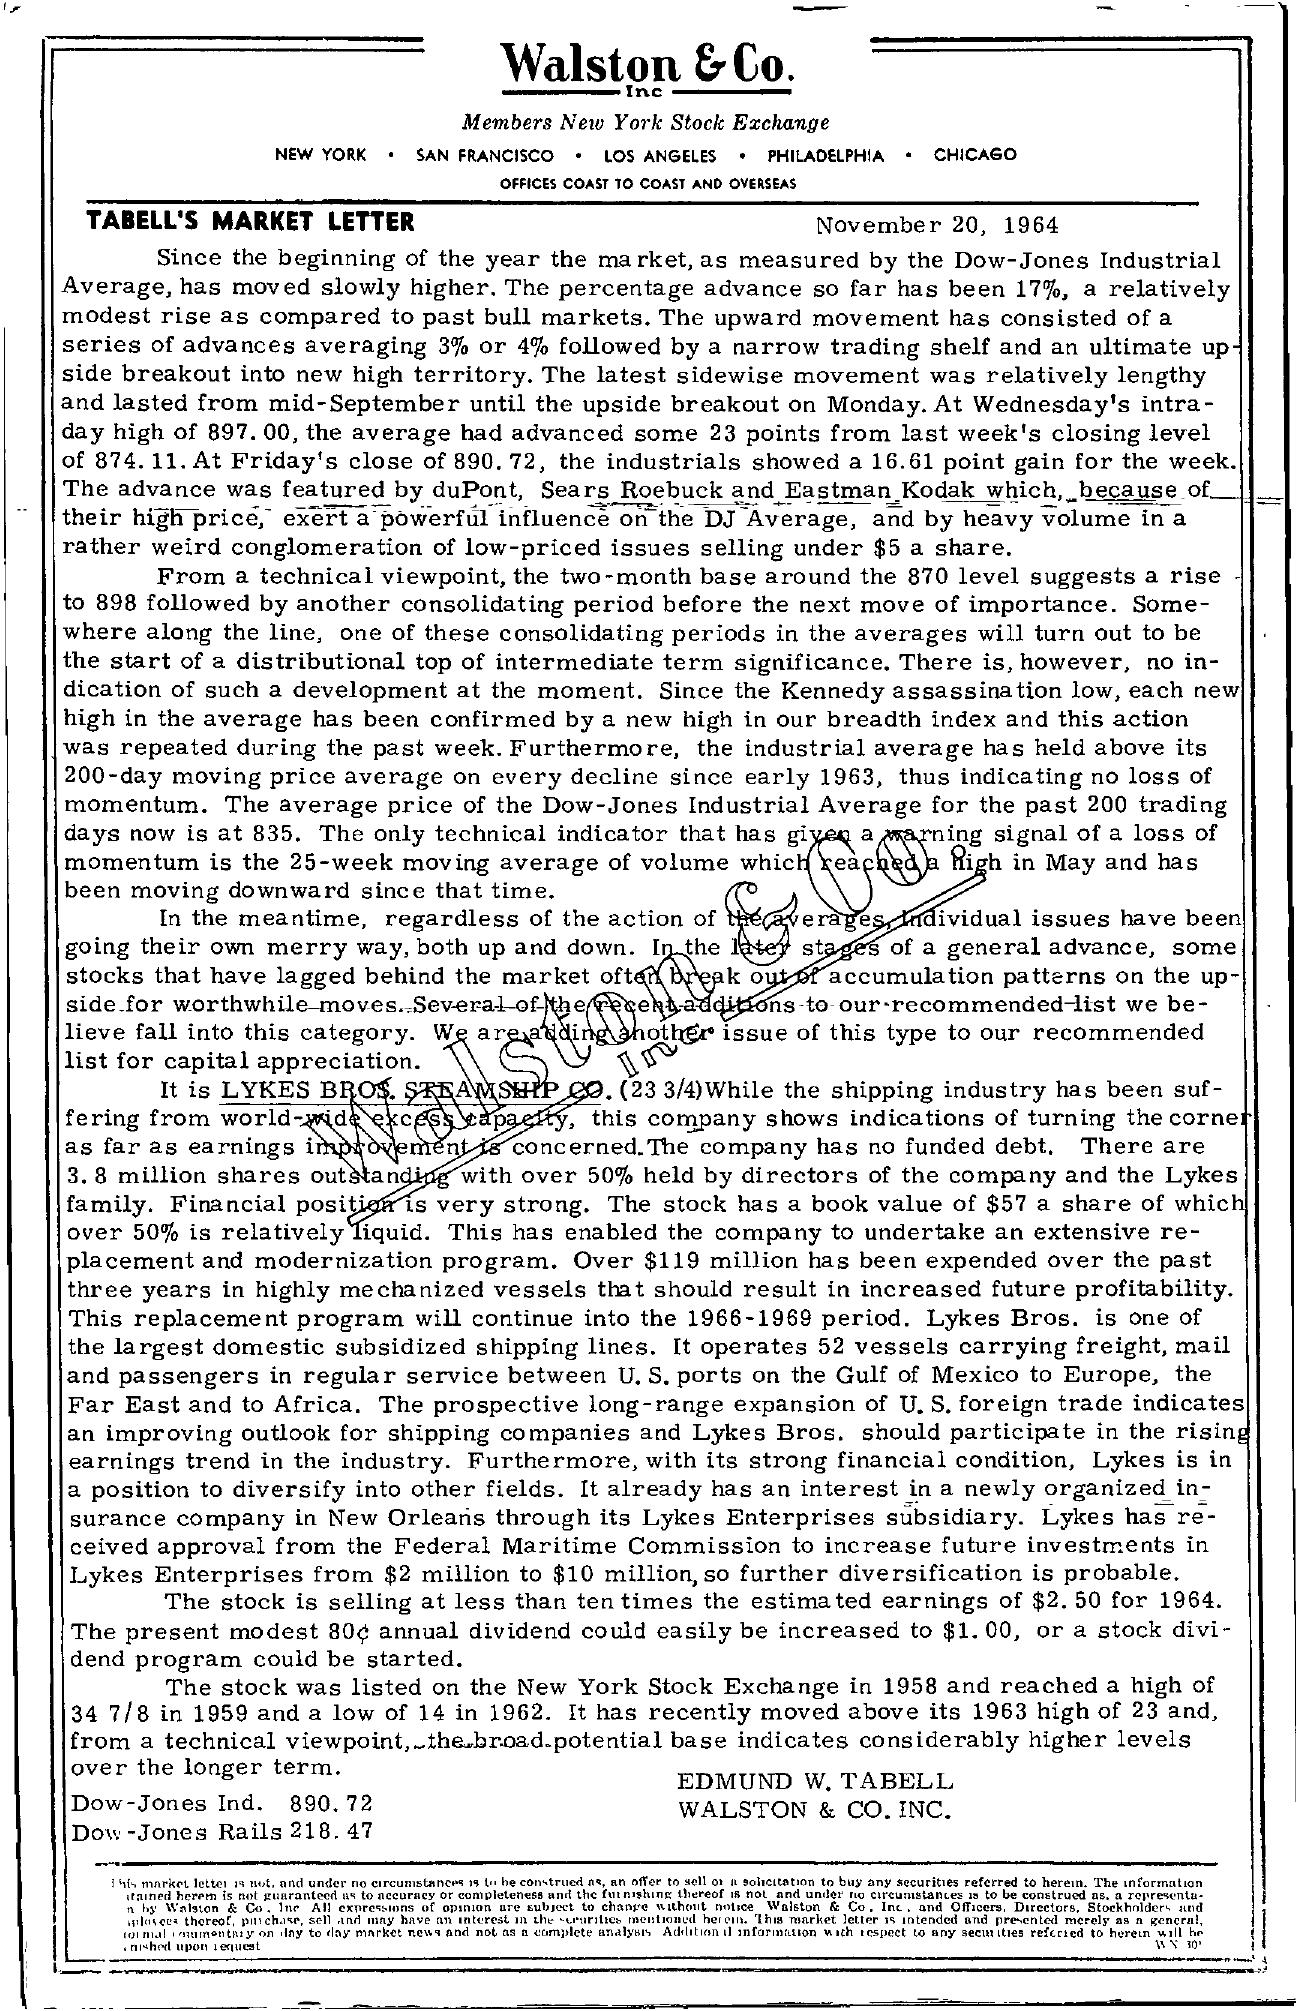 Tabell's Market Letter - November 20, 1964